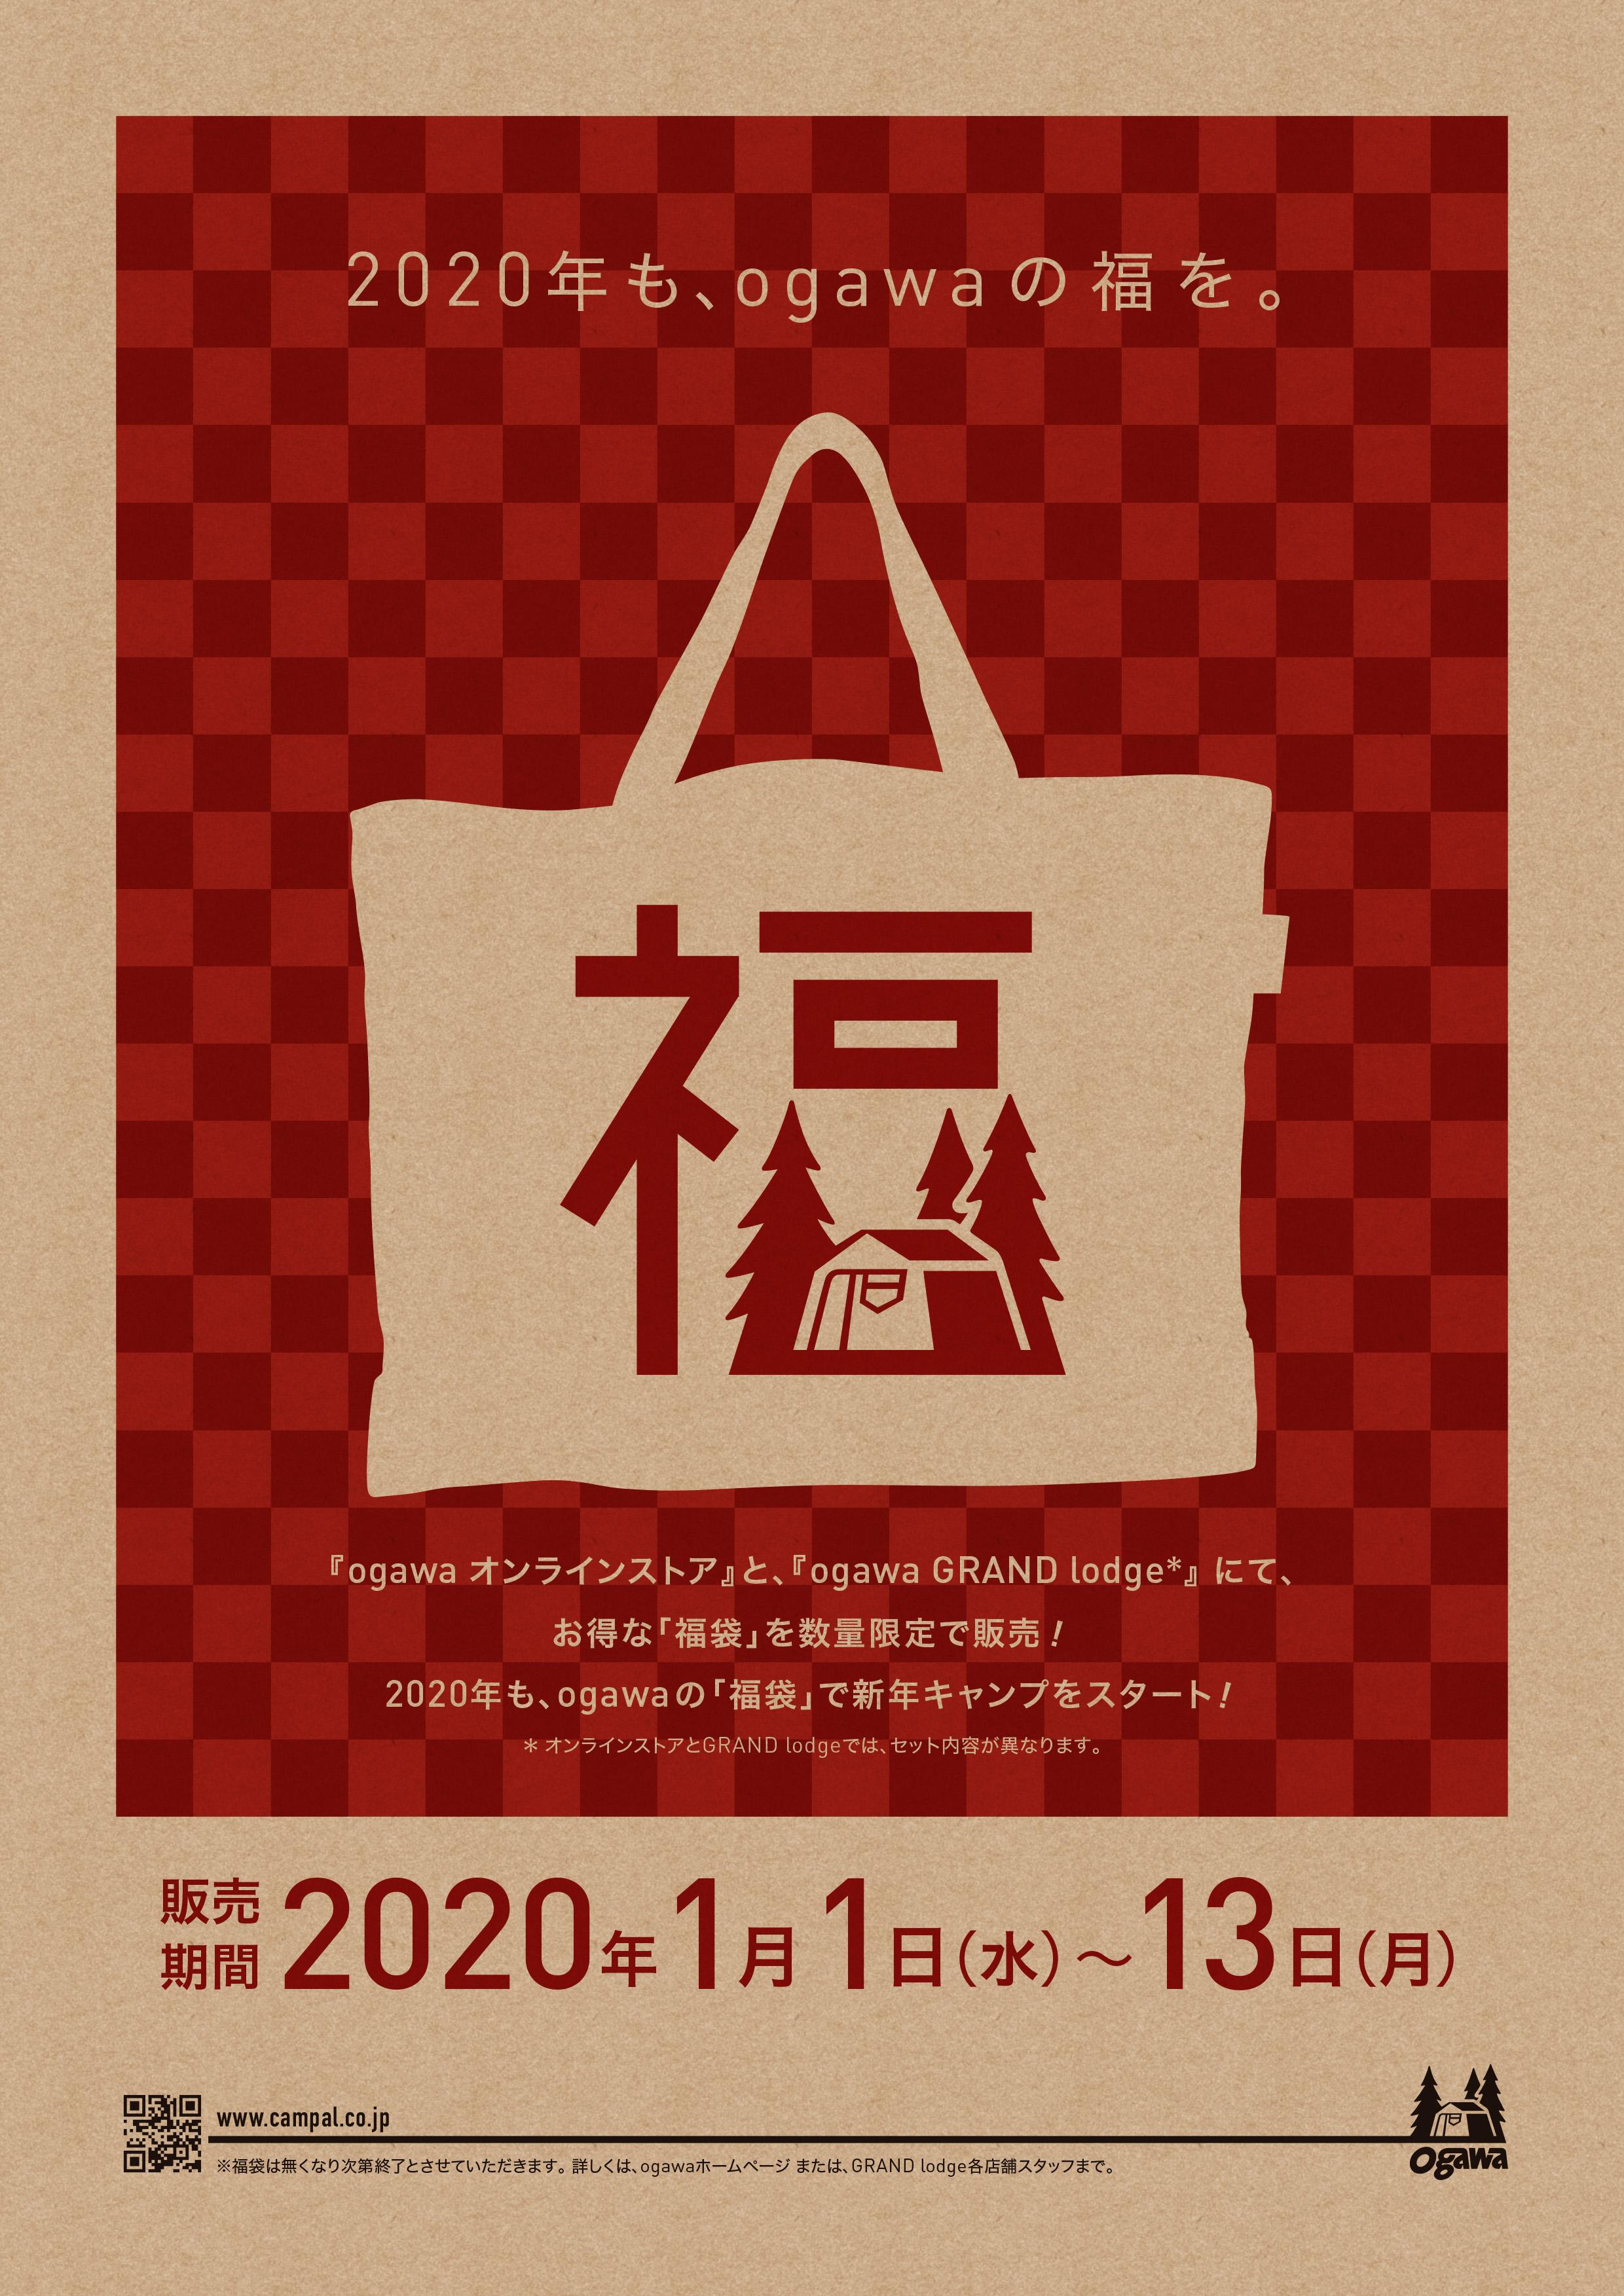 用品 福袋 2020 キャンプ 「マクドナルドの福袋 2021」発表!